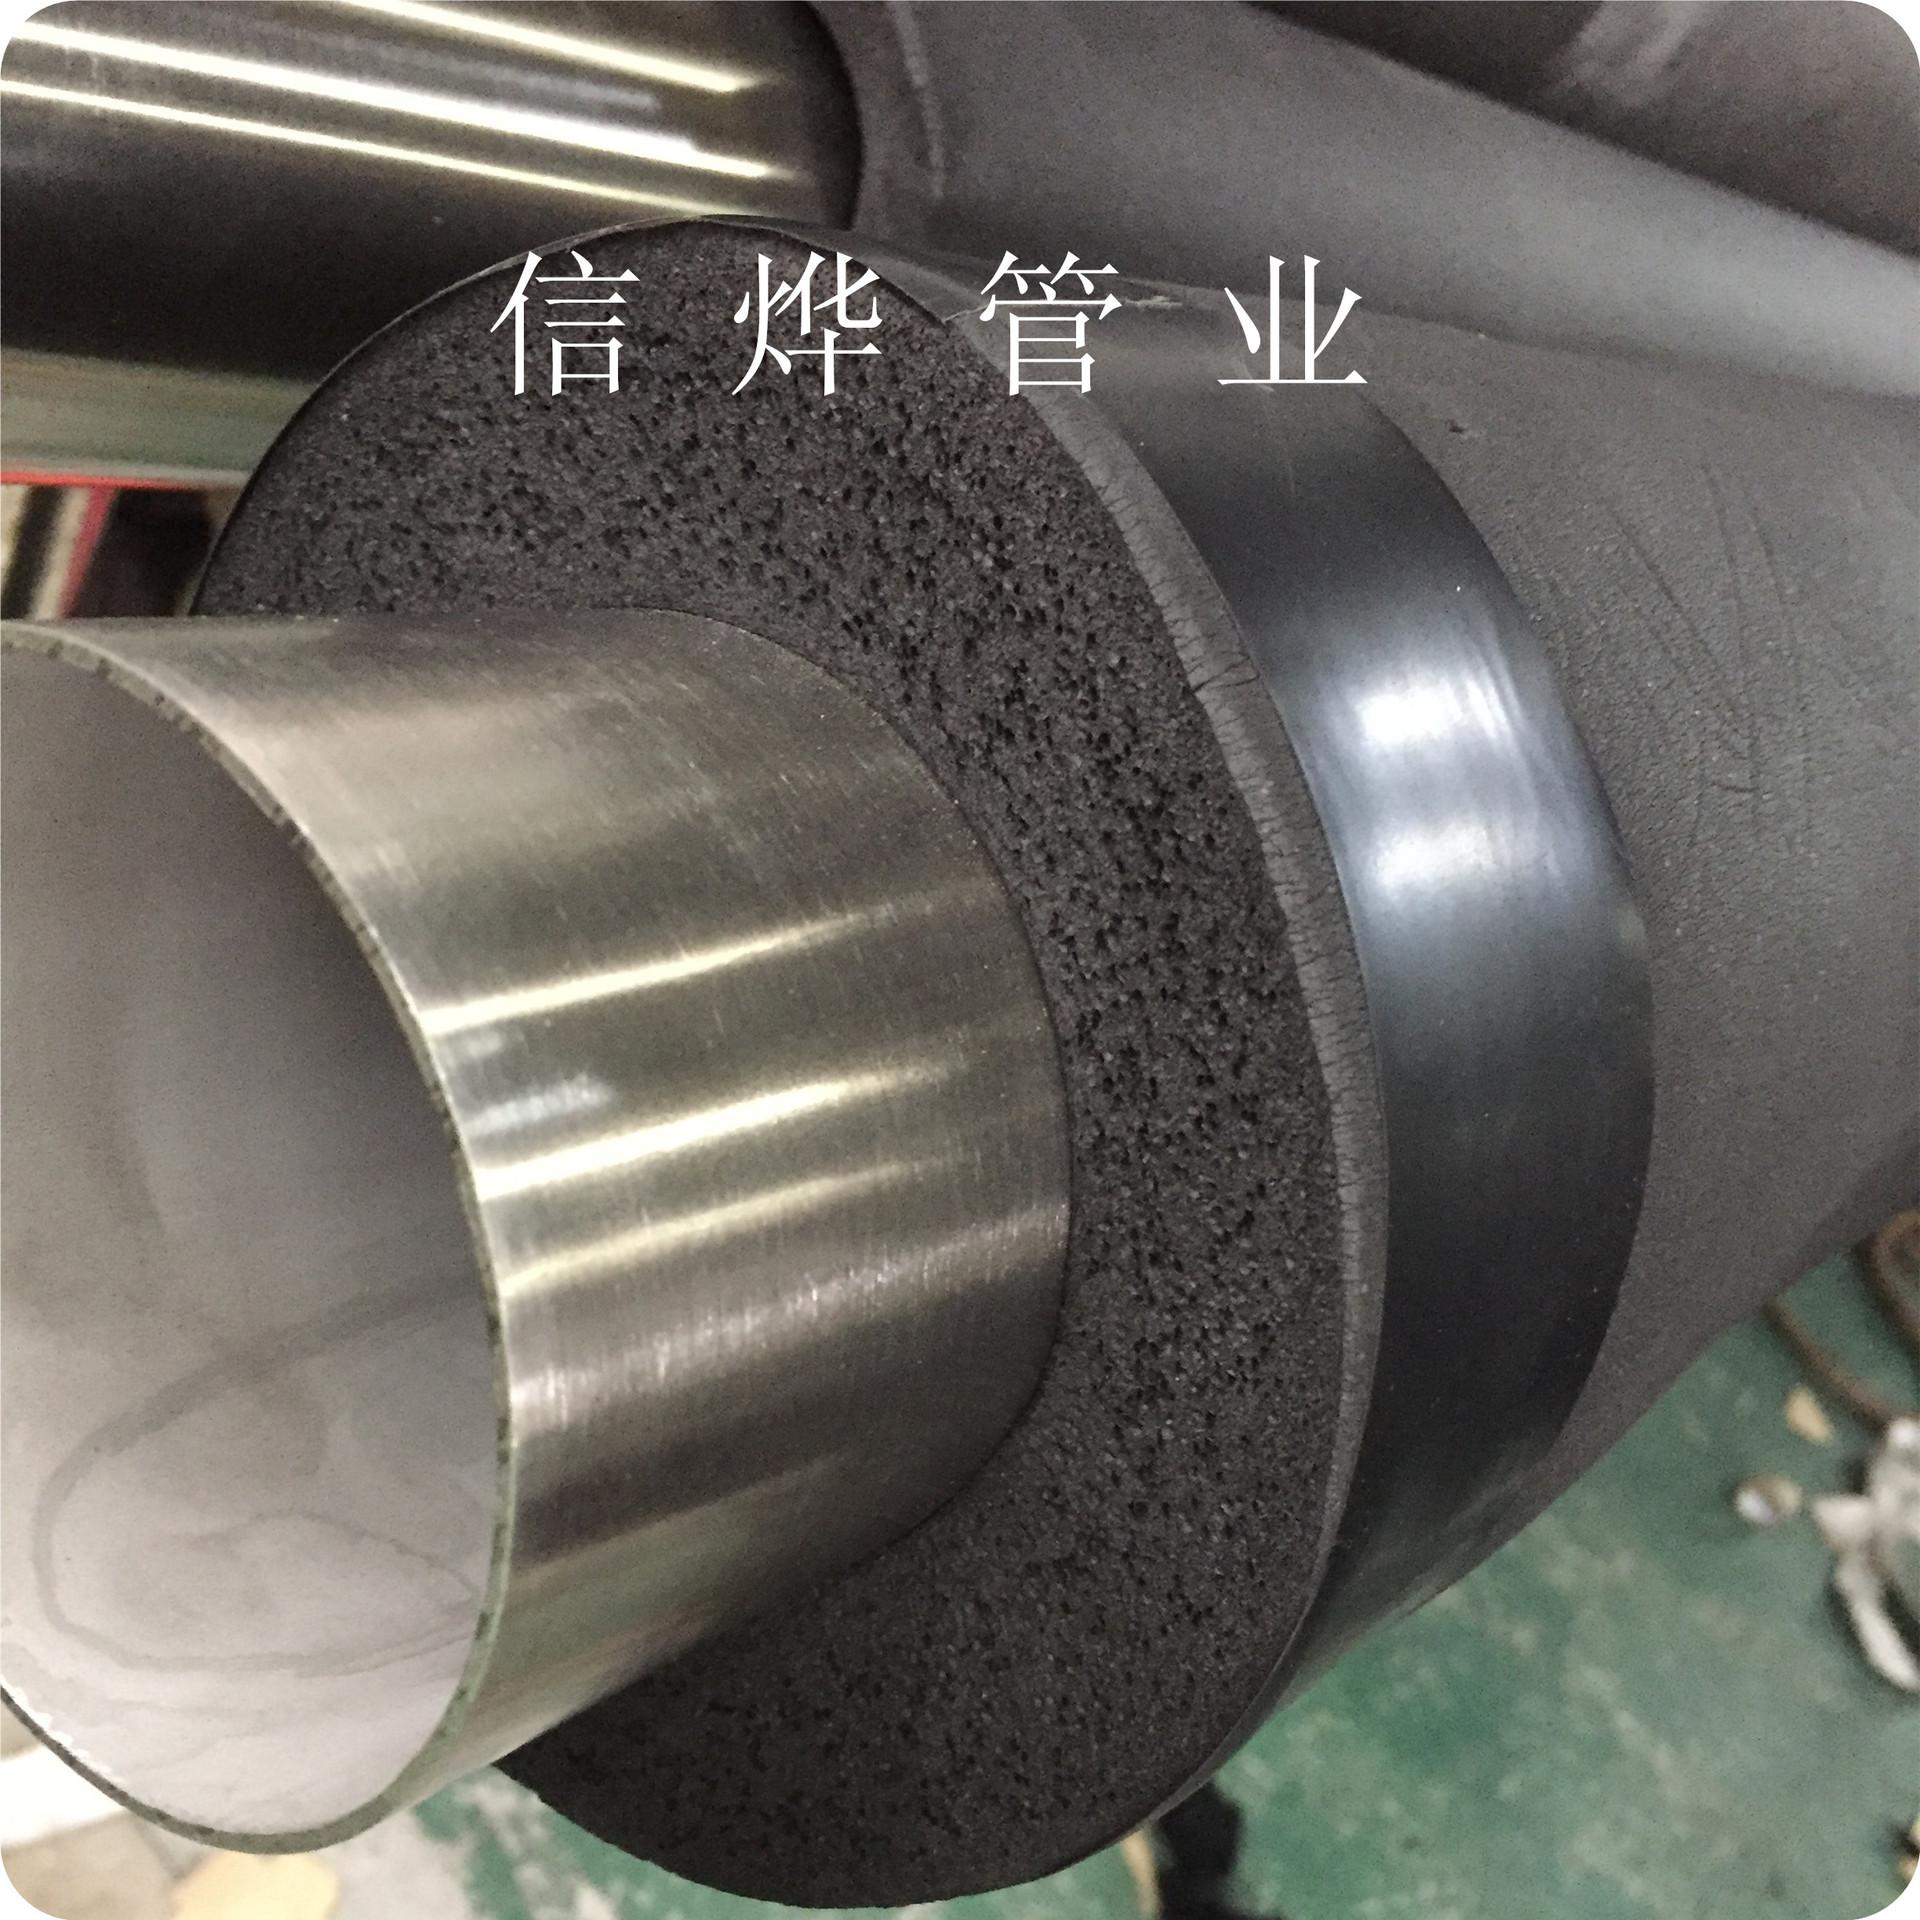 304不锈钢包塑热水管 不锈钢包塑保温水管环压式连接图片